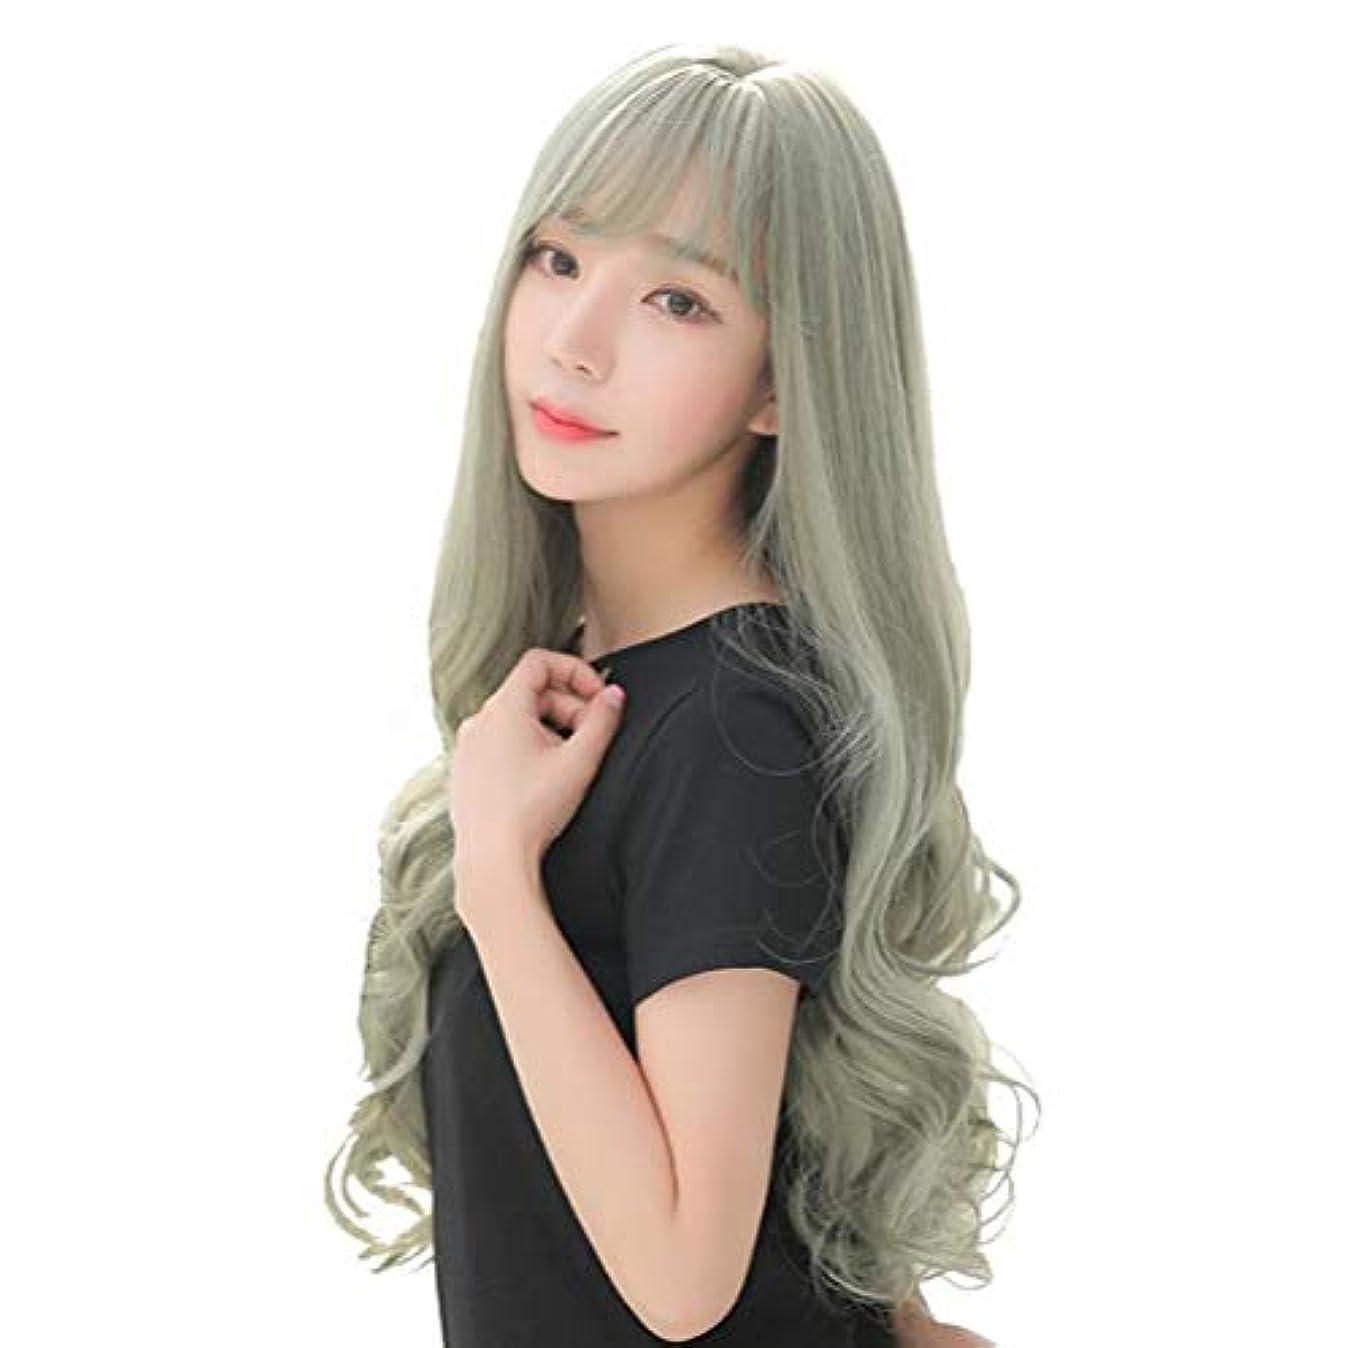 リーダーシップ熟す計画的かつら女性アッシュグリーン高温シルク長い巻き毛ビッグウェーブ空気前髪 LH2203 (アッシュグリーン)